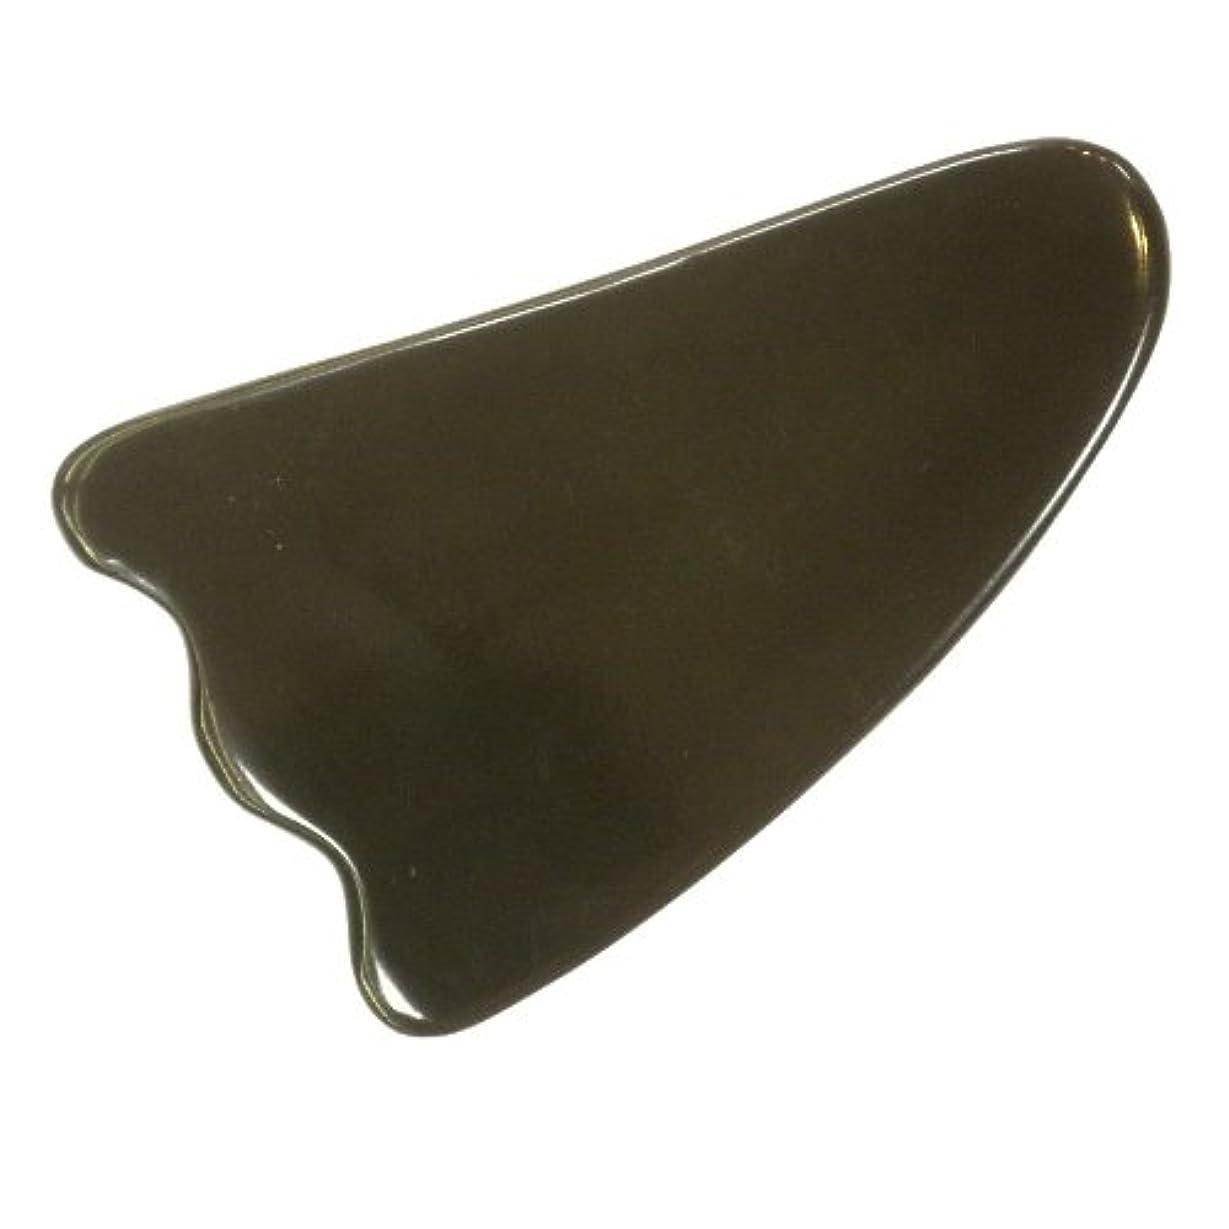 カップミリメートルからかっさ プレート 厚さが選べる 水牛の角(黒水牛角) EHE213SP 羽根型 特級品 厚め(7ミリ程度)